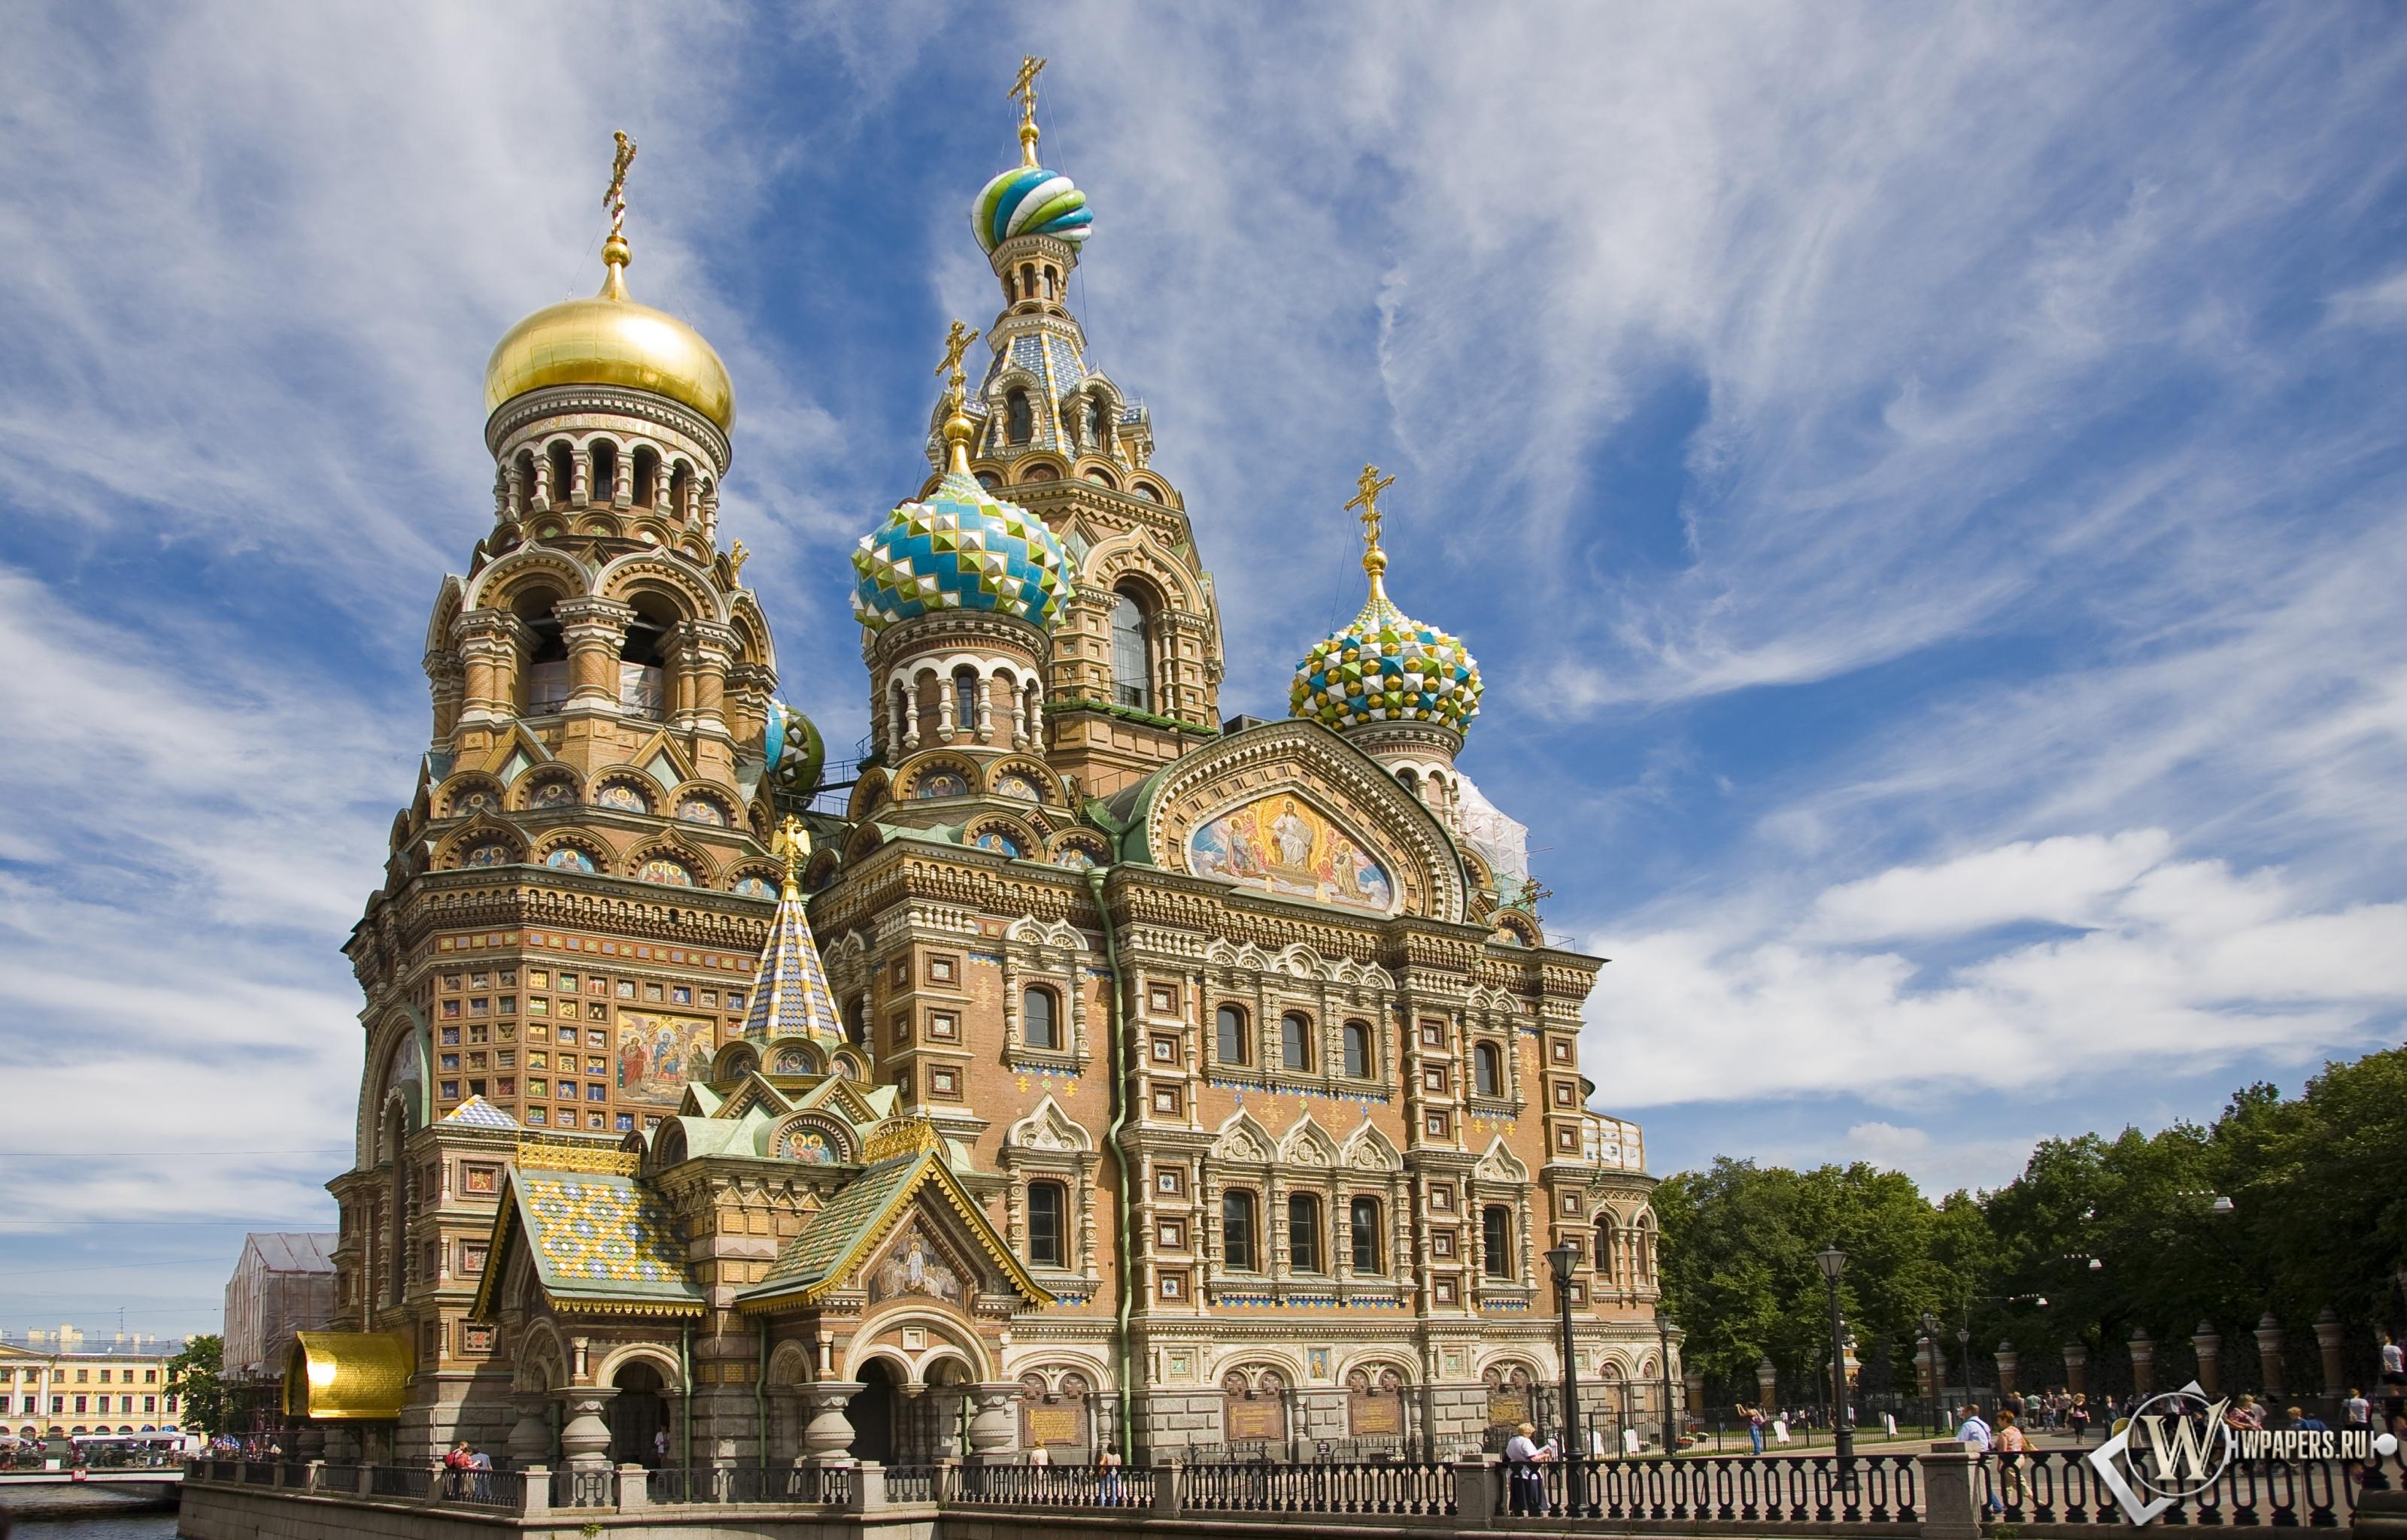 Спас на крови Санкт-Петербург 3200x2048